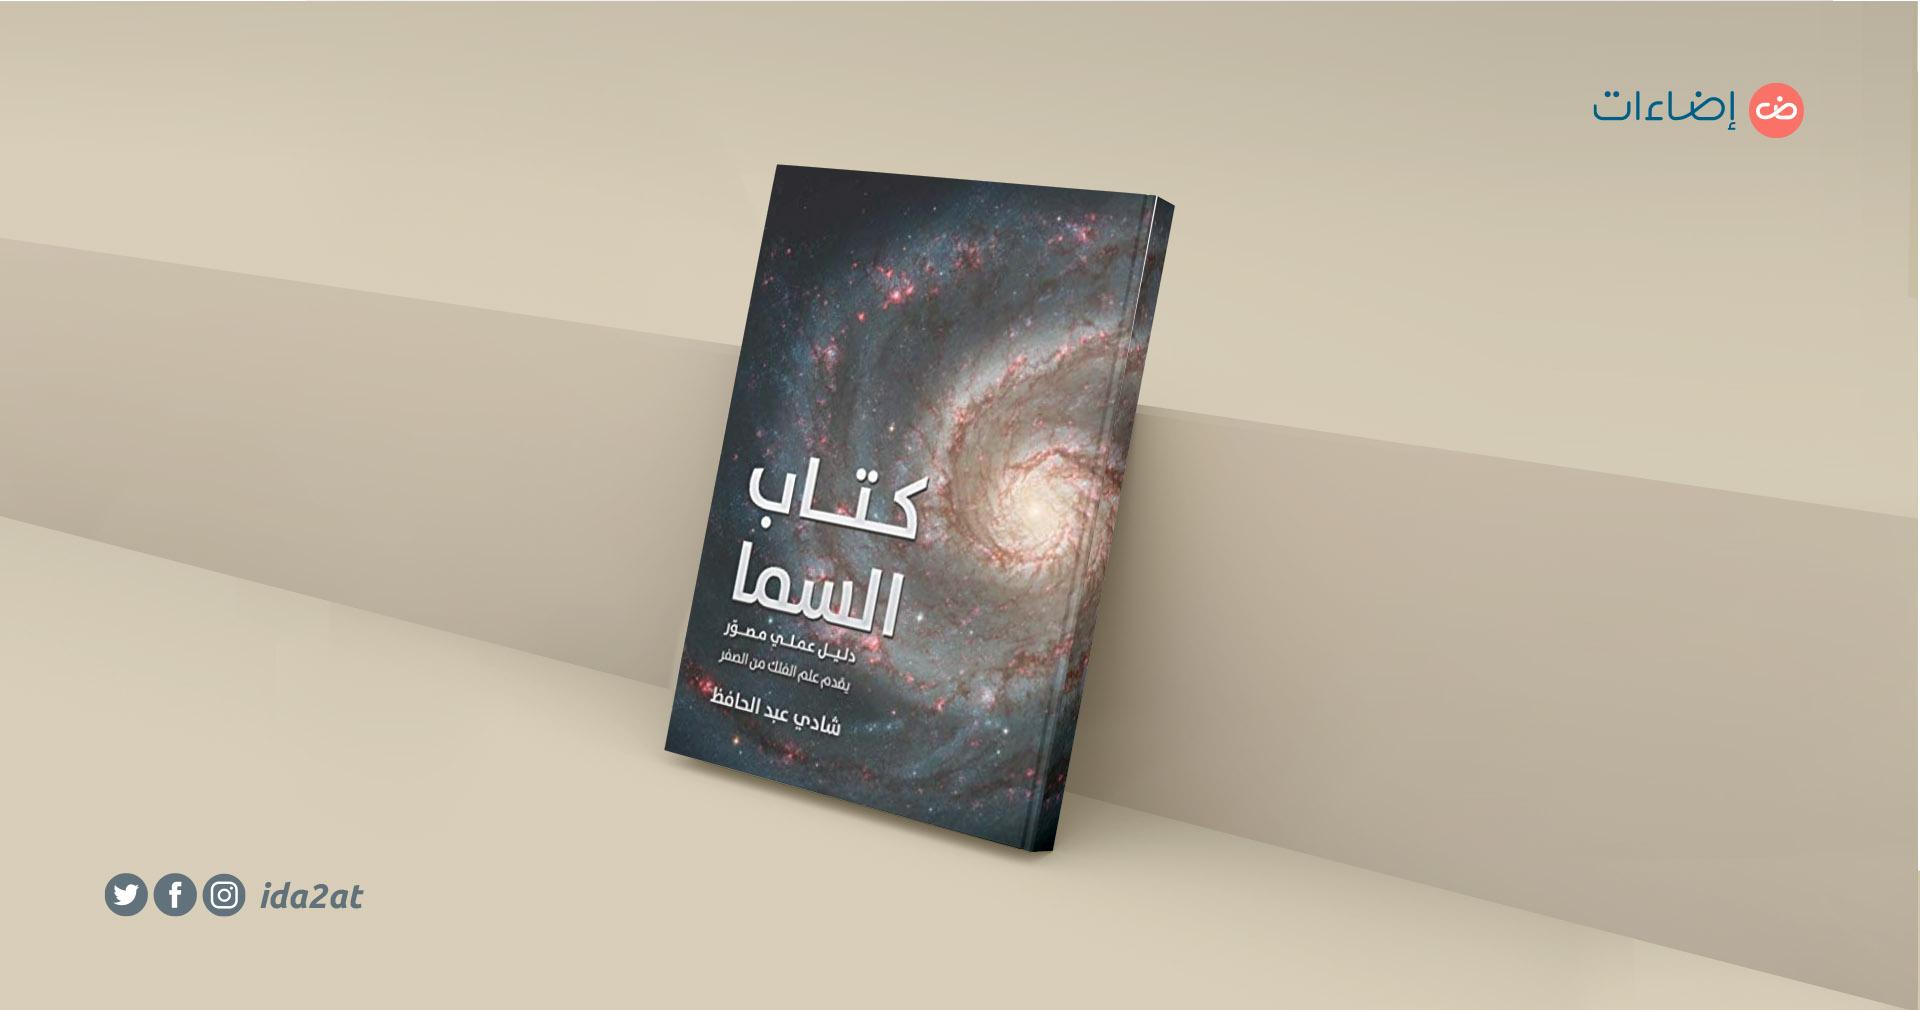 كتاب المدخل الكبير إلى علم النجوم